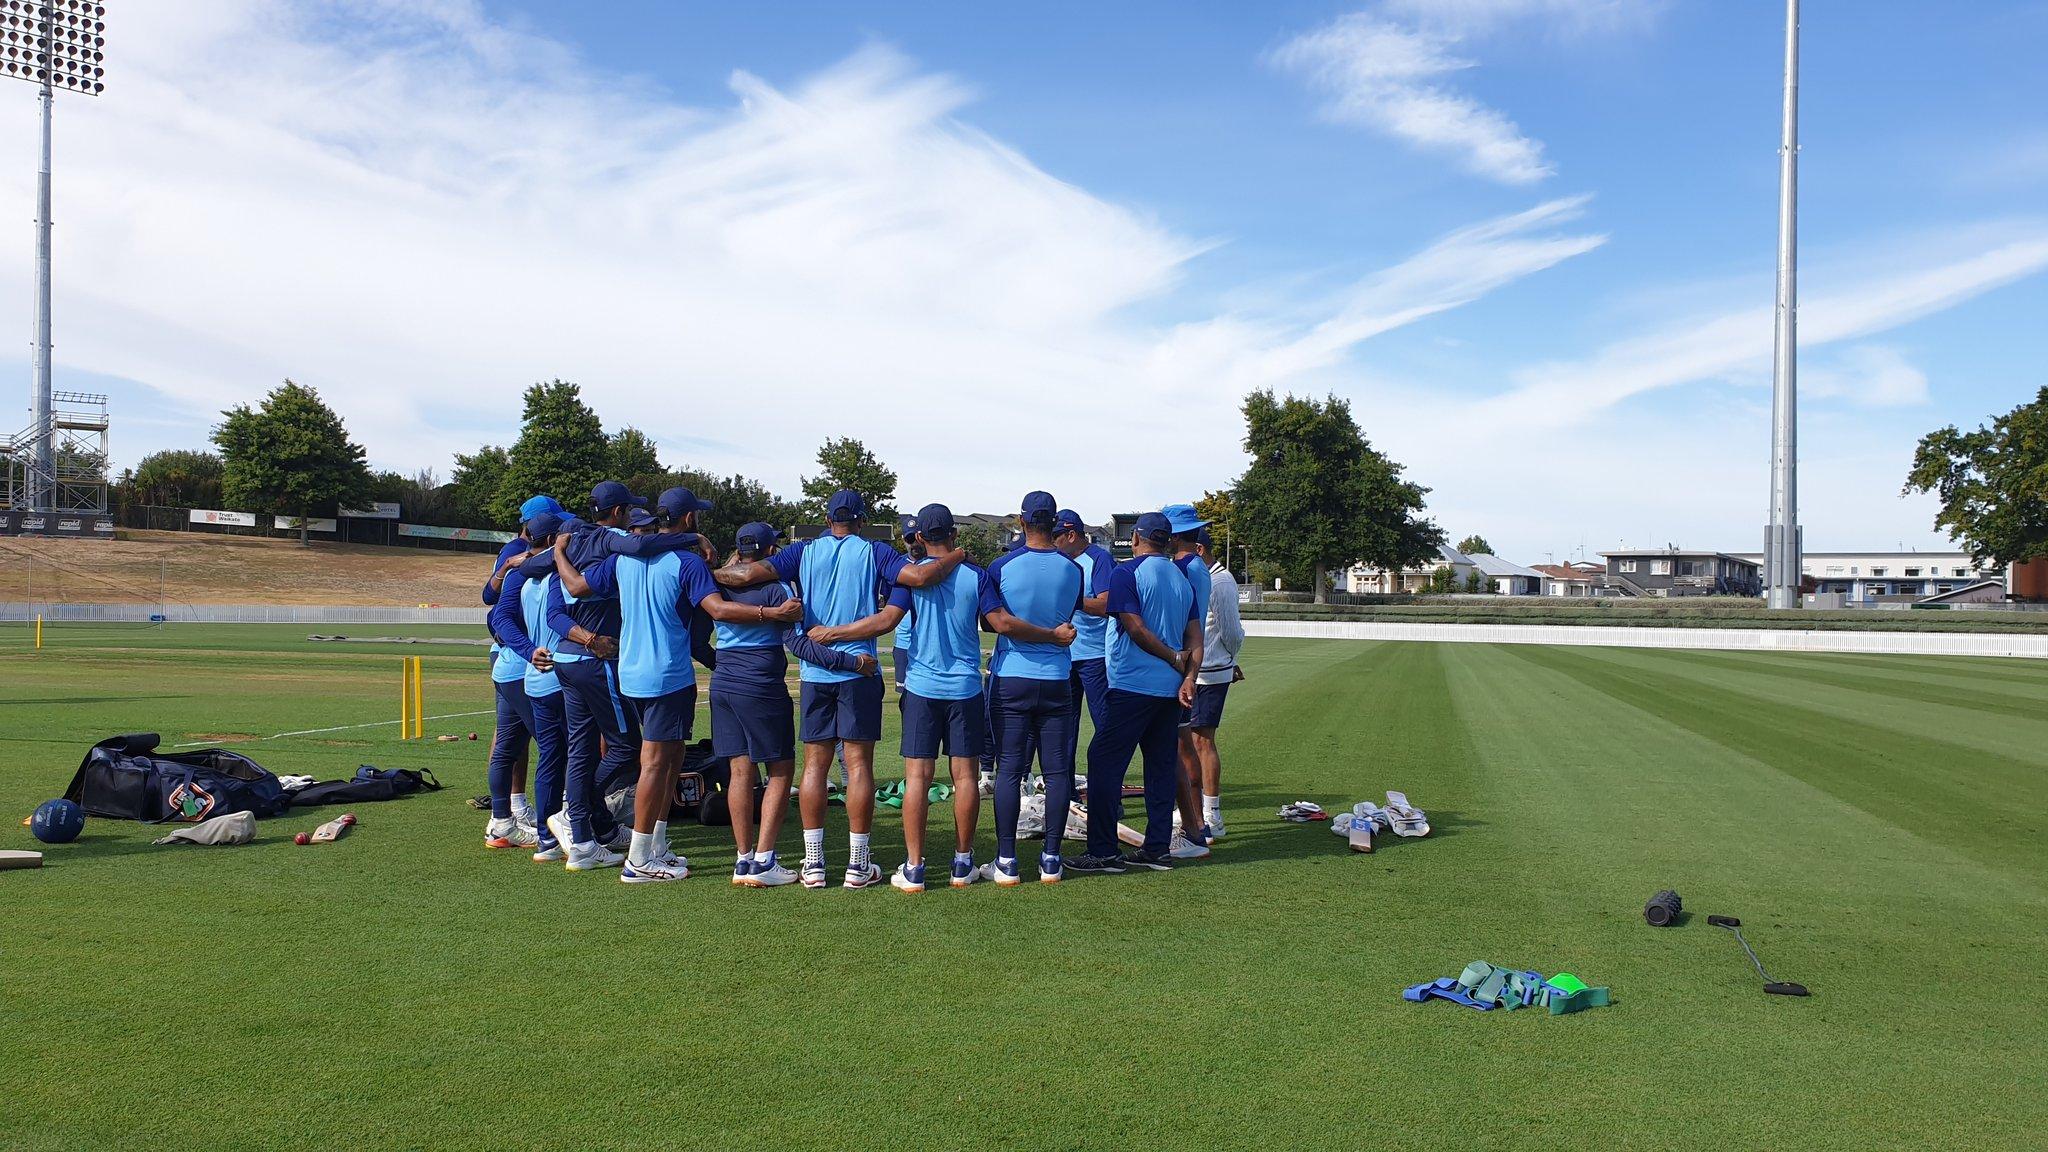 अभ्यास मैच के पहले ही दिन भारतीय टीम के लिए सामने निकलकर आई ये 3 बड़ी समस्याएं 11